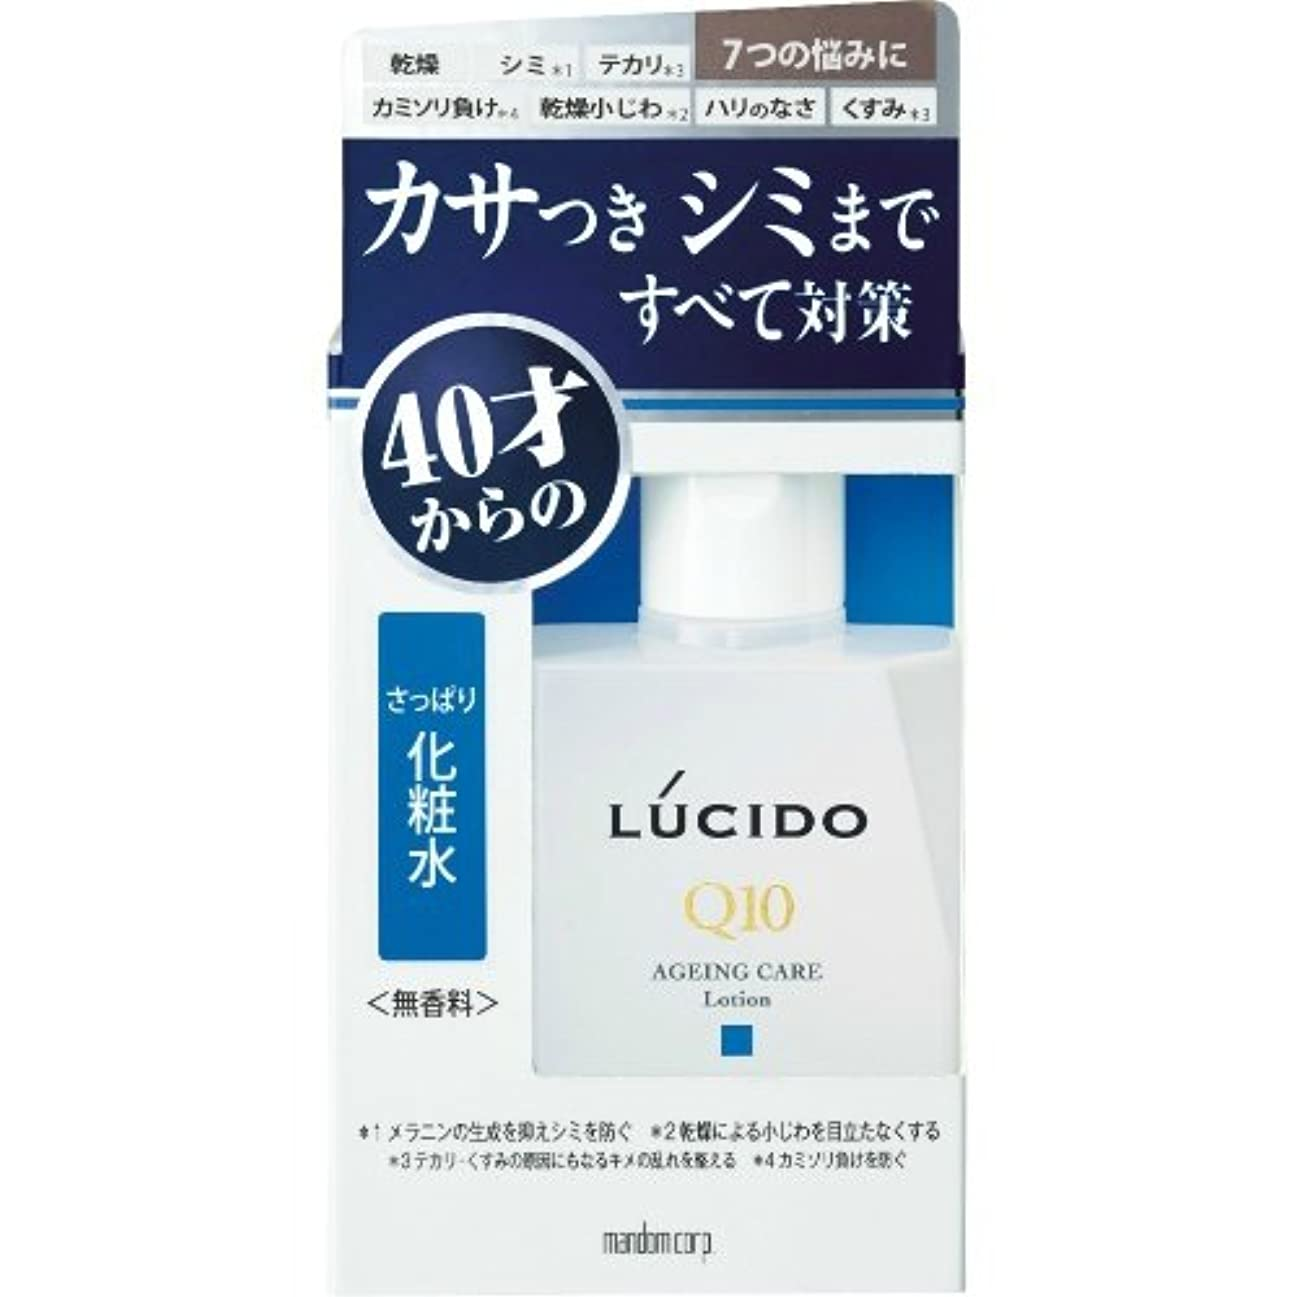 シャッフル連想合理化MANDOM マンダム ルシード 薬用トータルケア さっぱり化粧水 無香料 110ml ×10点セット(4902806107296)